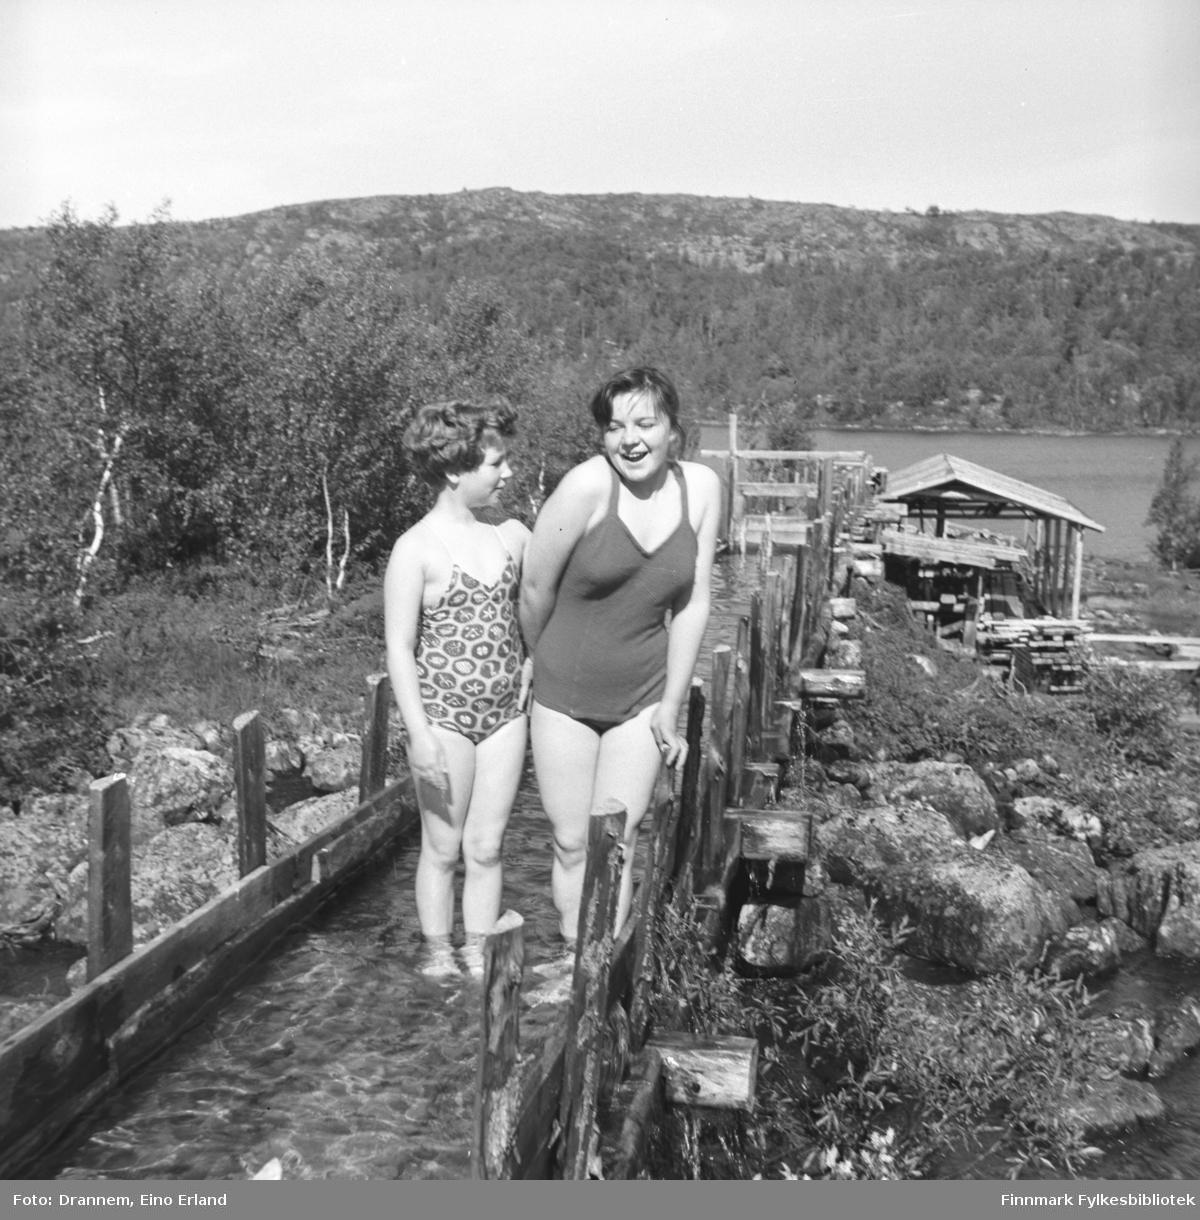 To jenter iført badedrakter,, Turid og Maija, står i en vannrenne som går til noe som ser ut som et lite sagbruk. Turid til venstre på bildet.